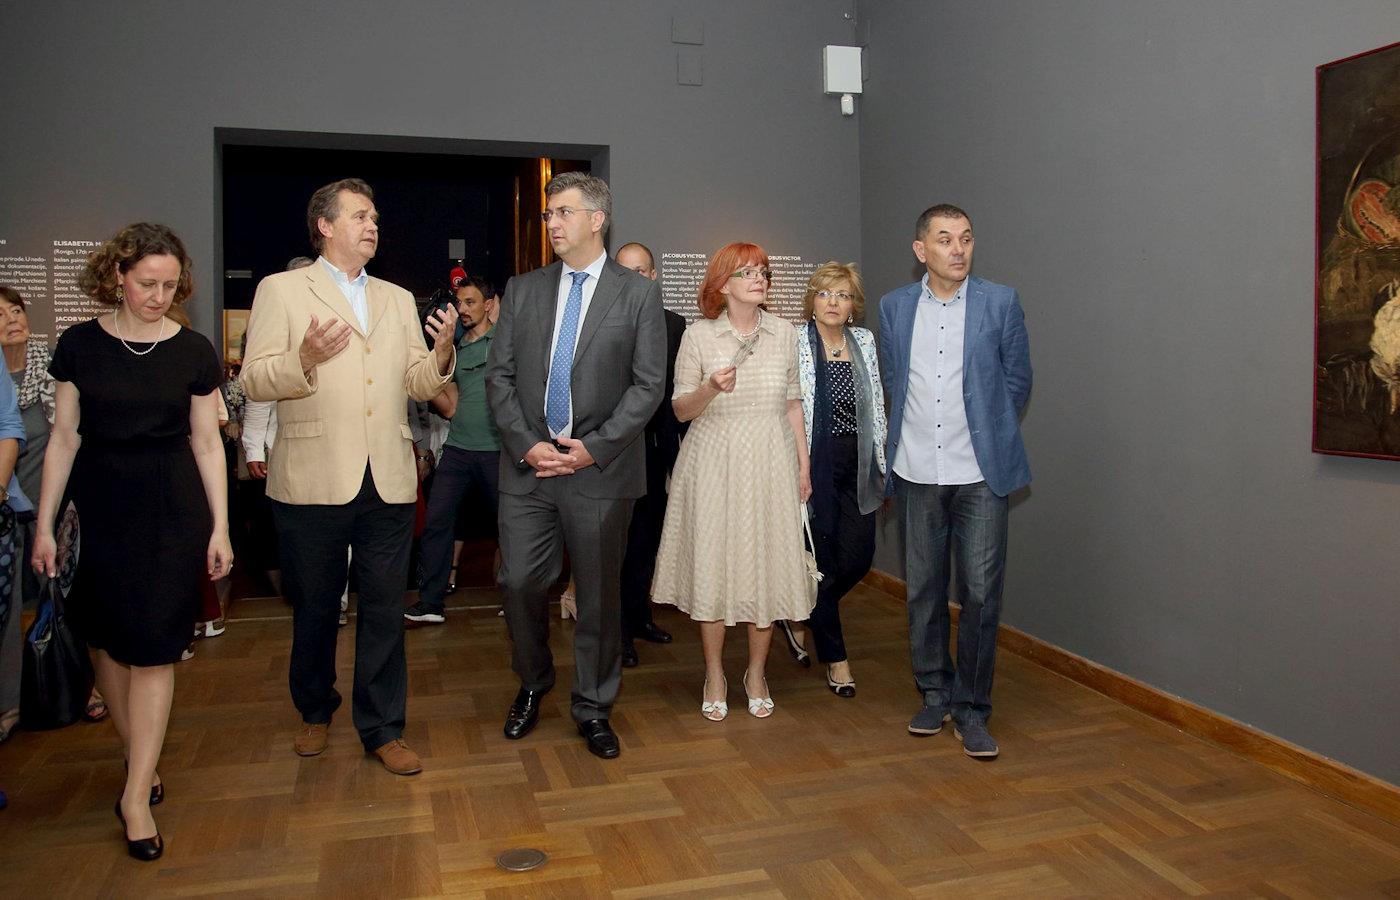 Minister of Culture Nina Obuljen Koržinek, Prime Minister Andrej Plenković